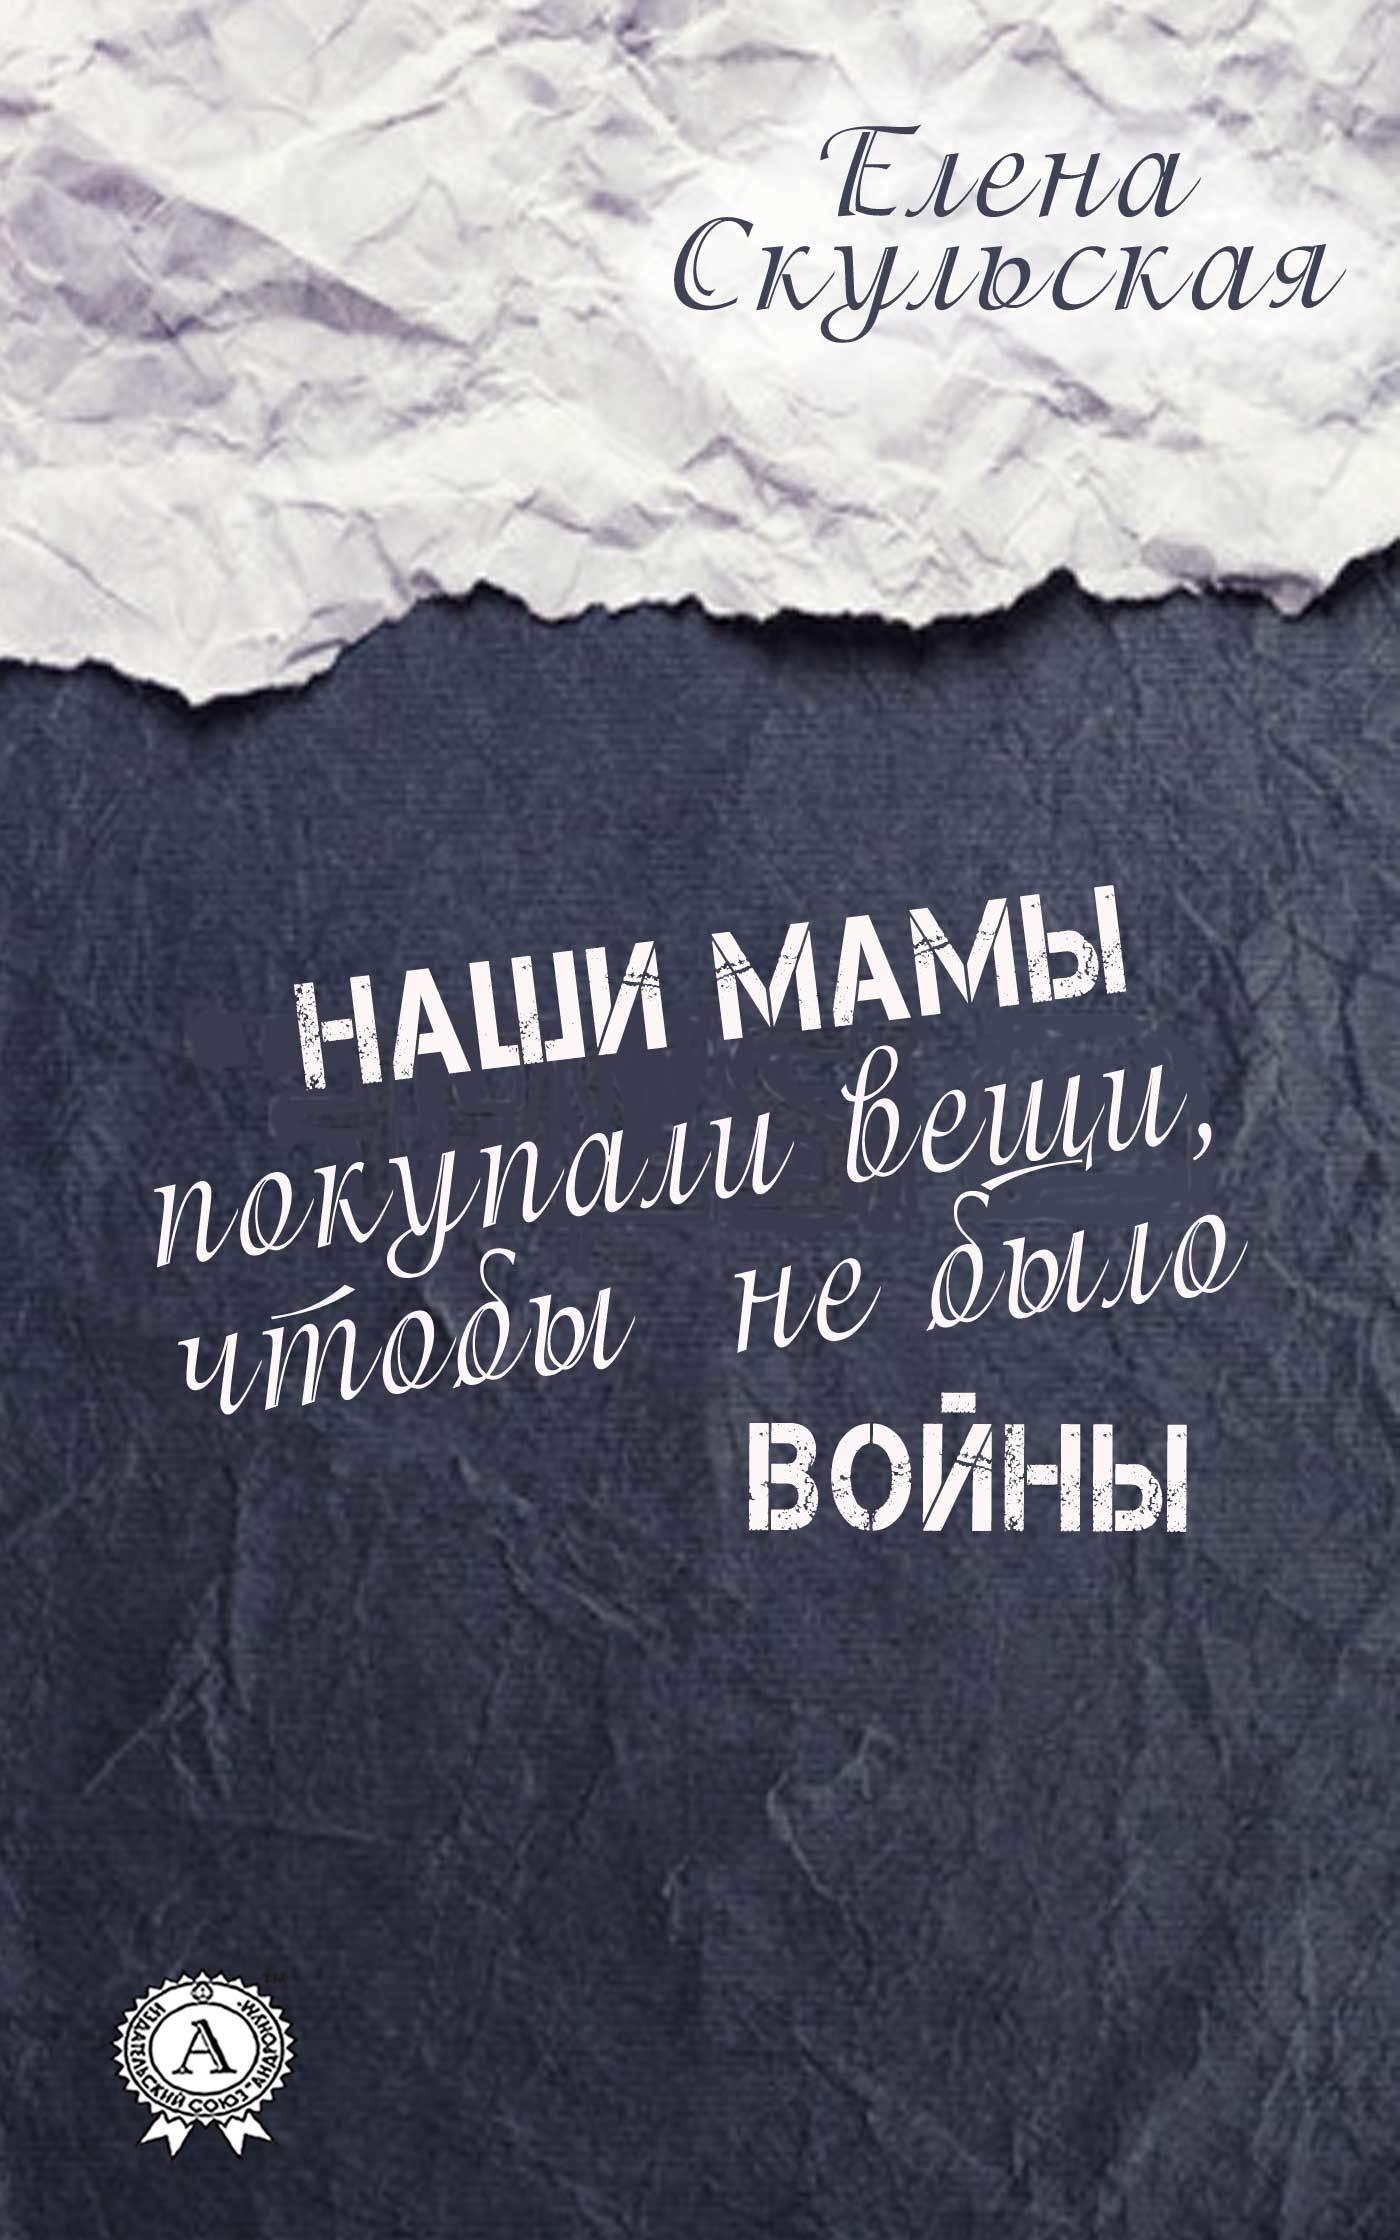 Наши мамы покупали вещи, чтобы не было войны развивается активно и целеустремленно